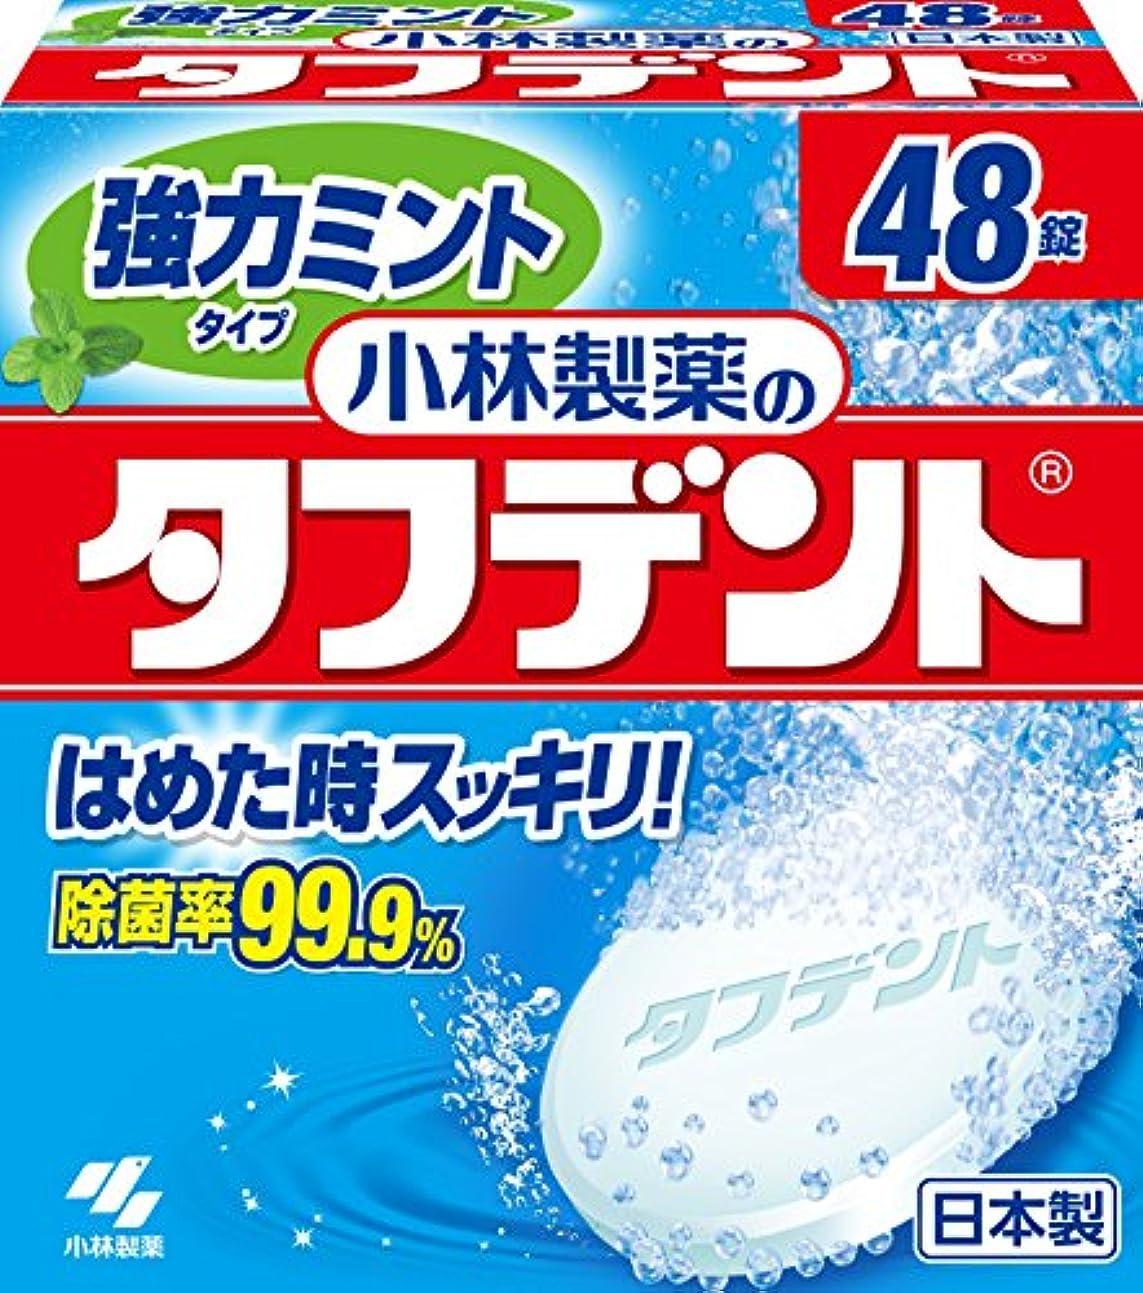 種類銃ぬるい小林製薬のタフデント強力ミントタイプ 入れ歯用洗浄剤 ミントの香り 48錠